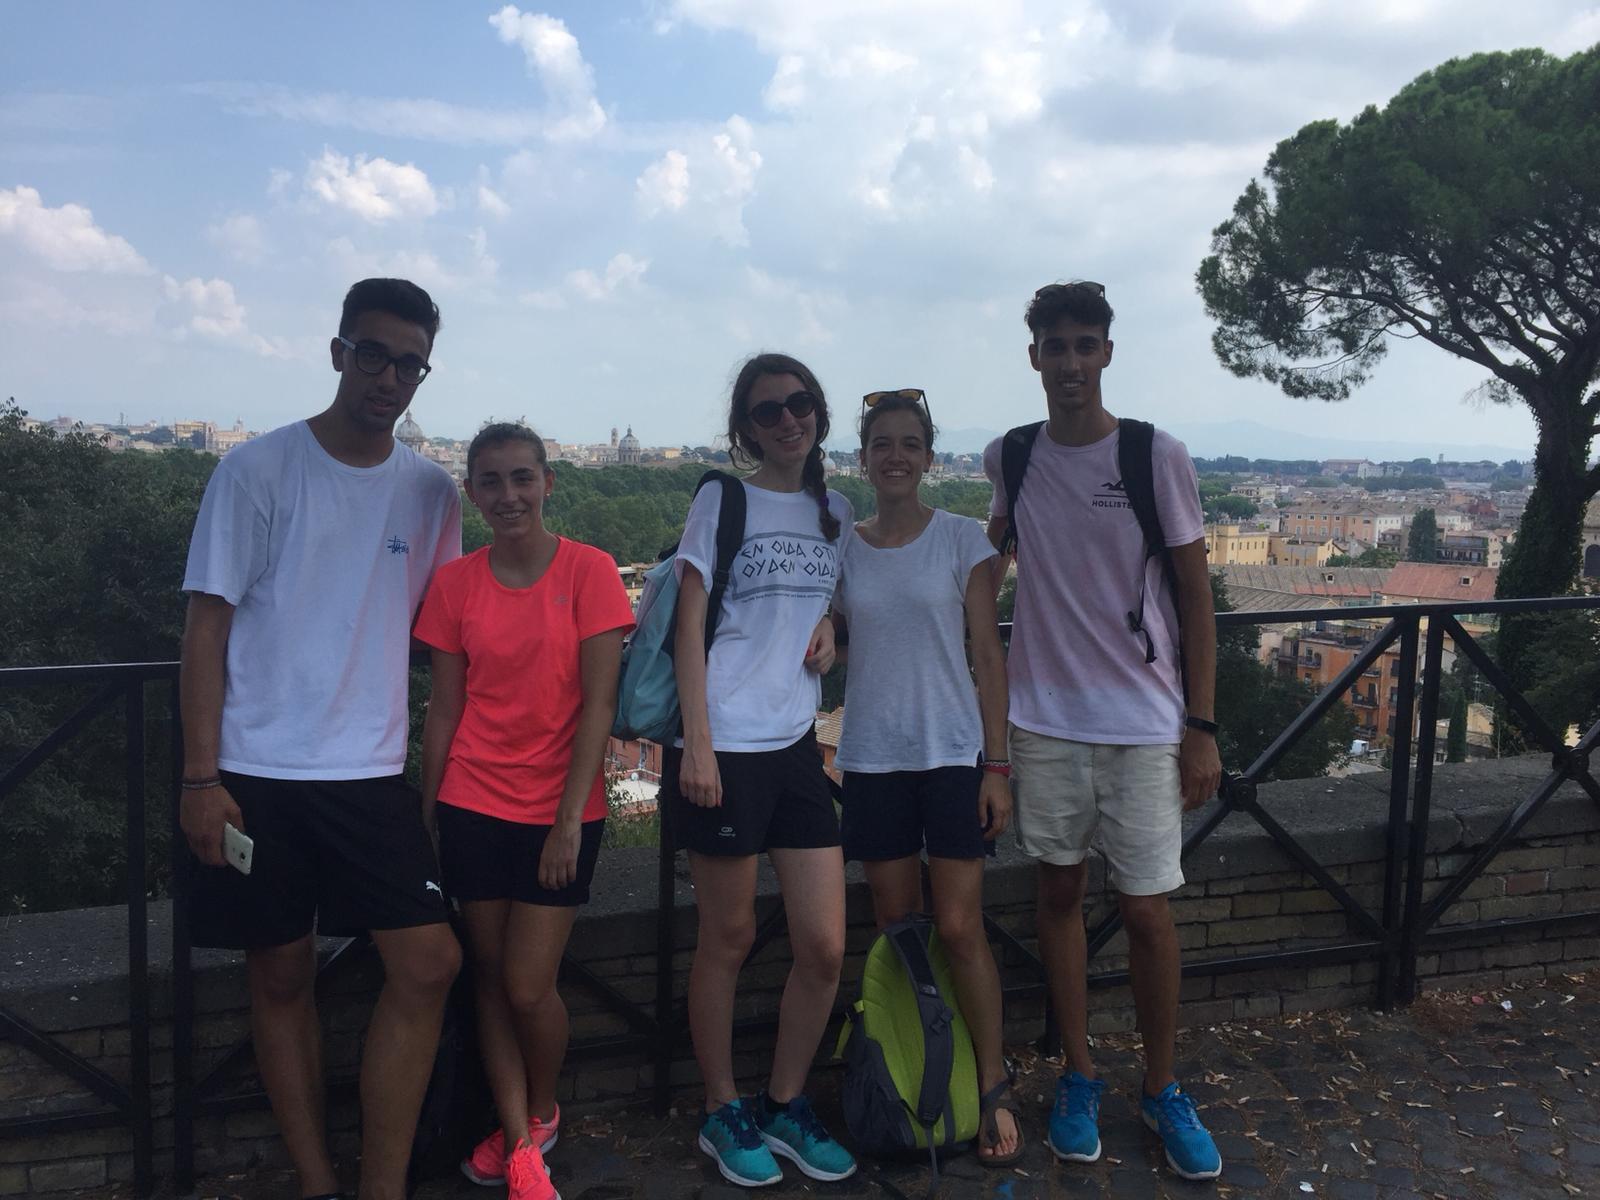 Pellegrinaggio Roma 2018 incontro (1)